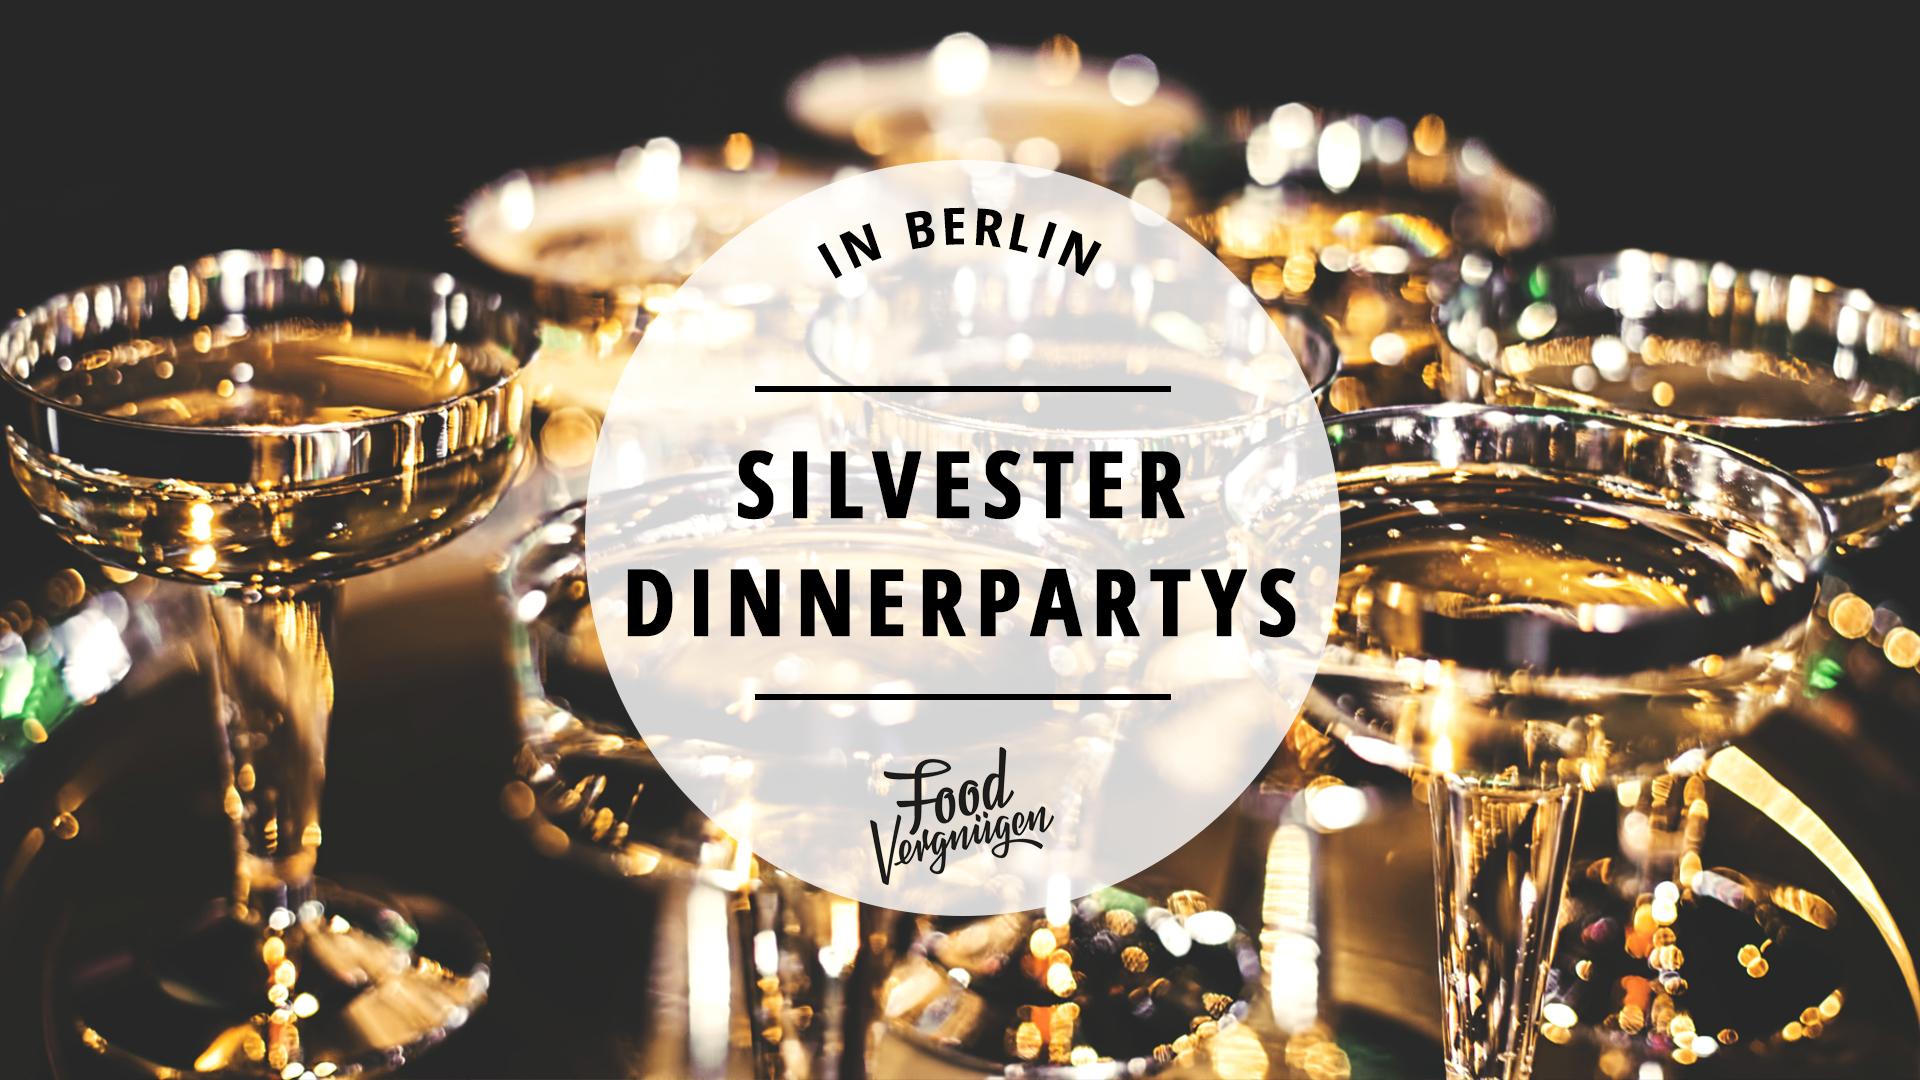 11 dinnerpartys an silvester bei denen ihr ins neue jahr feiern k nnt mit vergn gen berlin. Black Bedroom Furniture Sets. Home Design Ideas